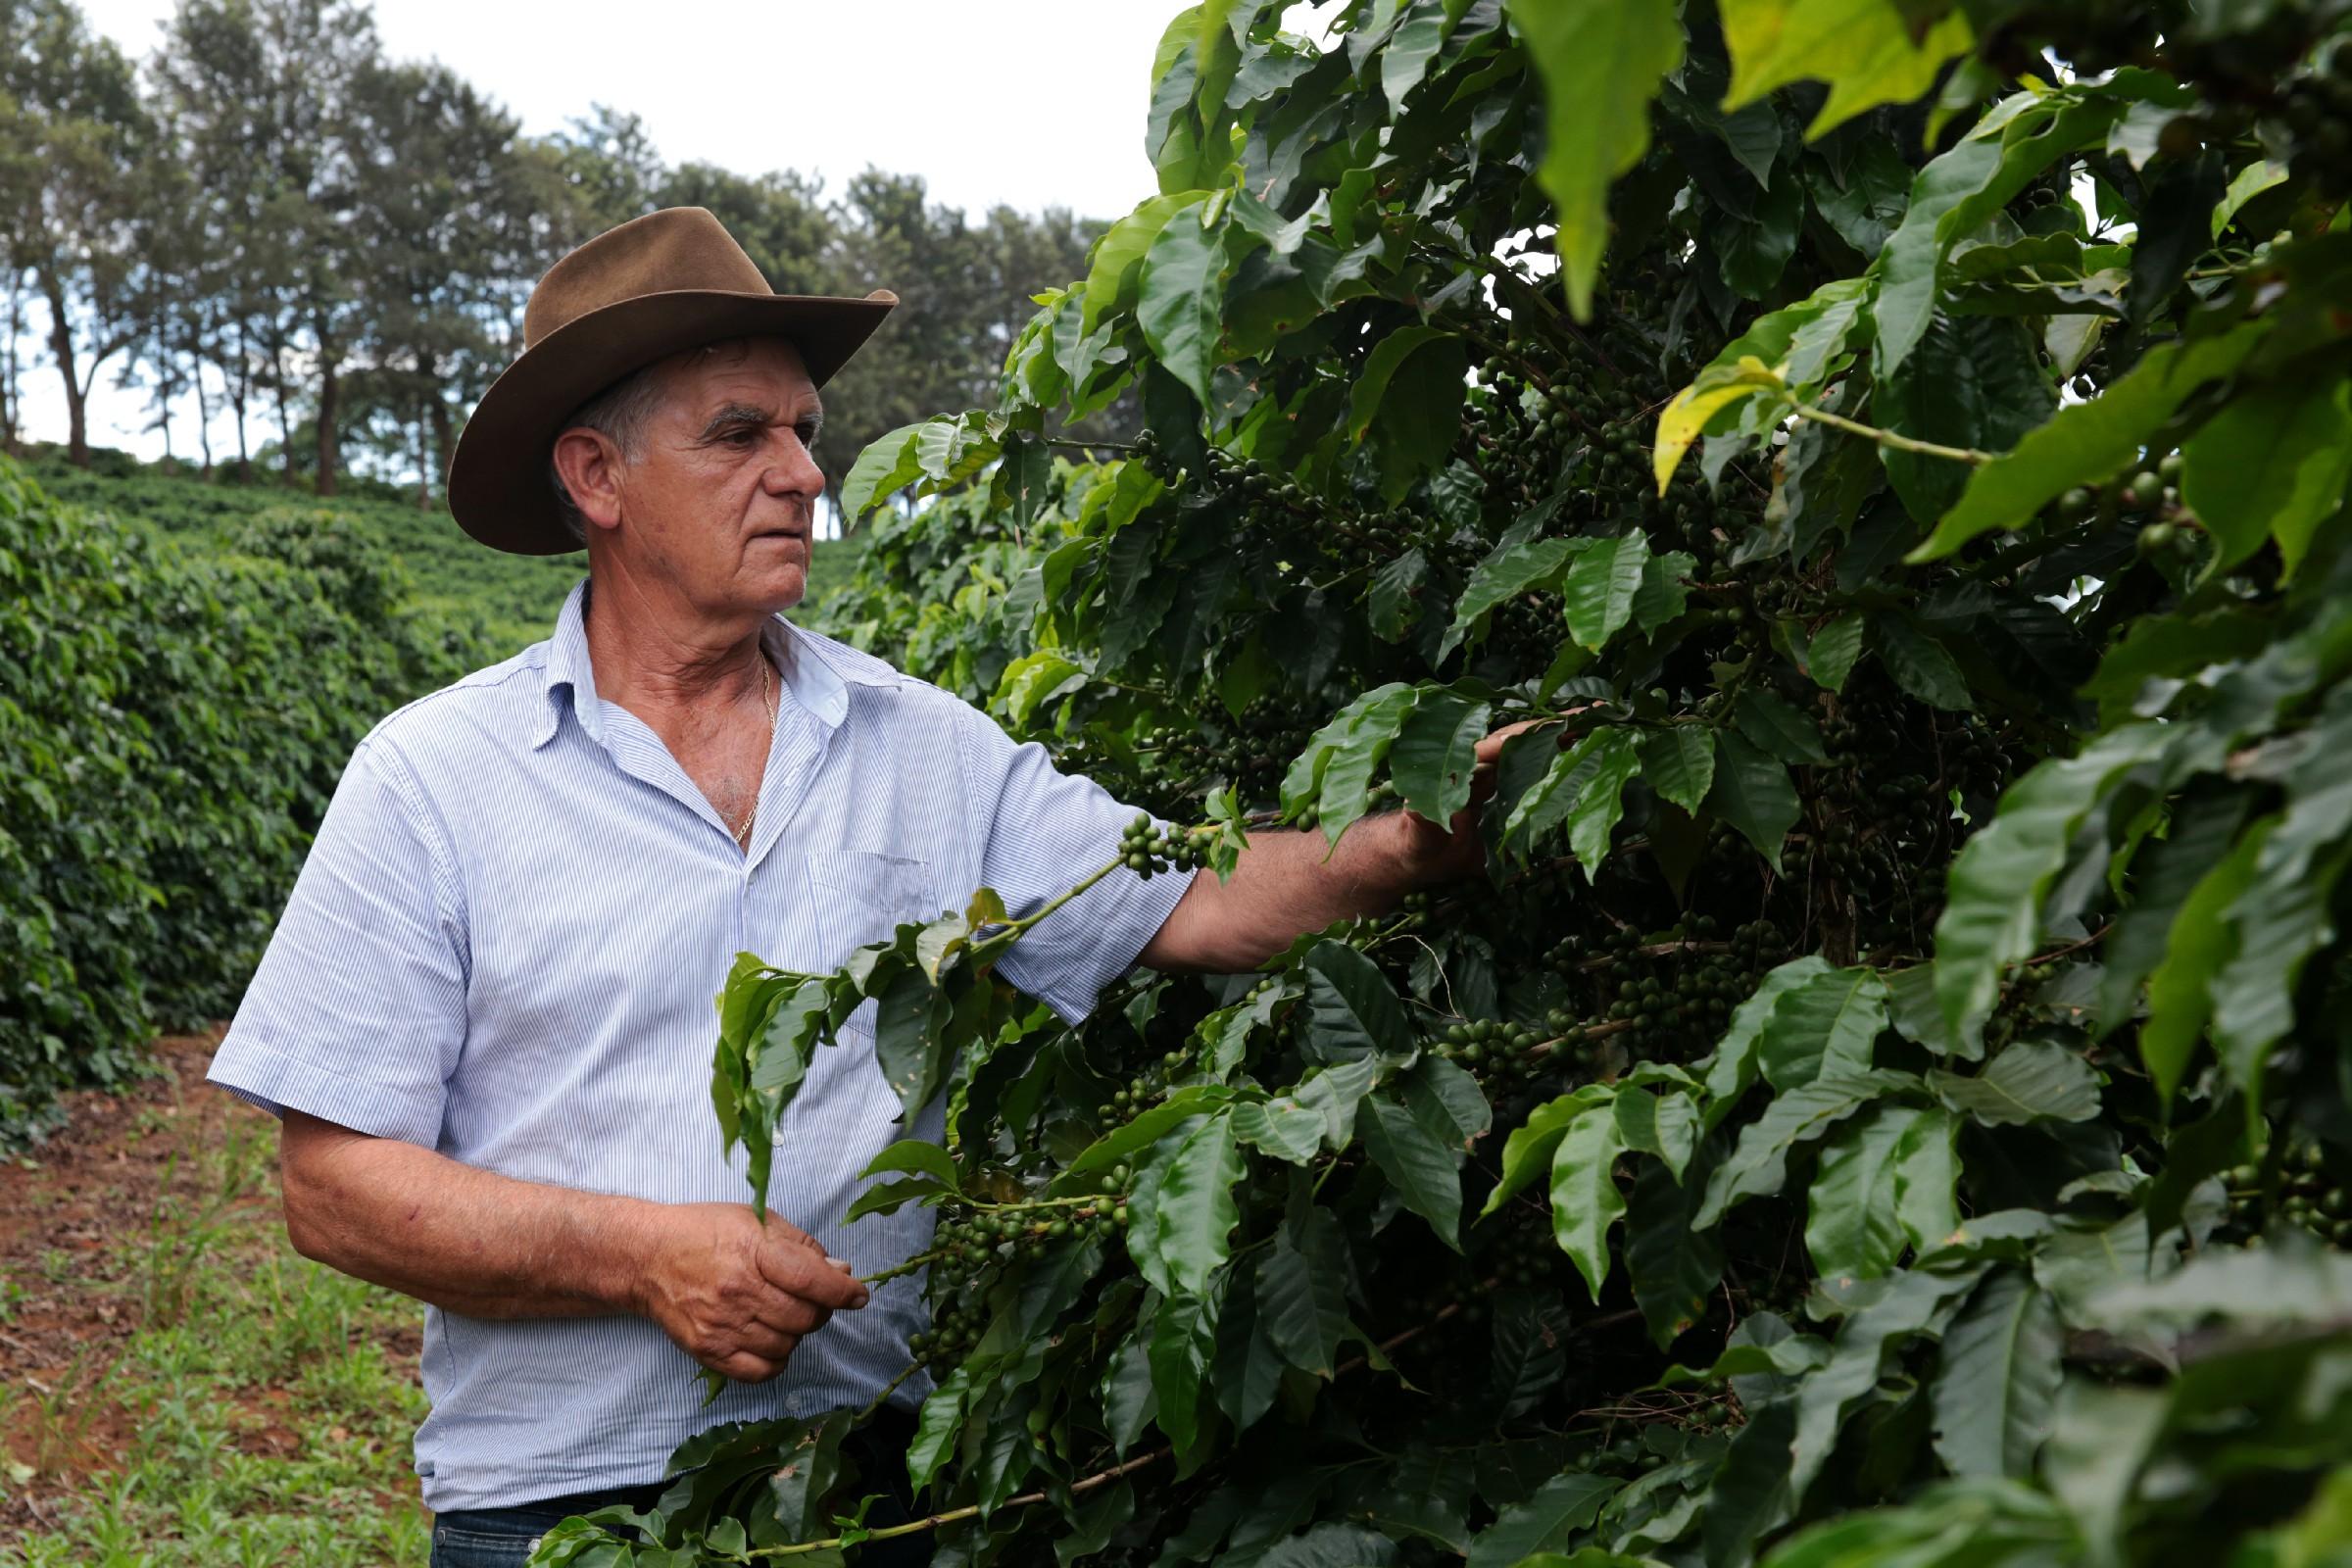 Agricultura familiar impulsiona Juruaia (MG) e safra do café pode chegar a 160 mil sacas e faturamento de R$80 milhões em 2020